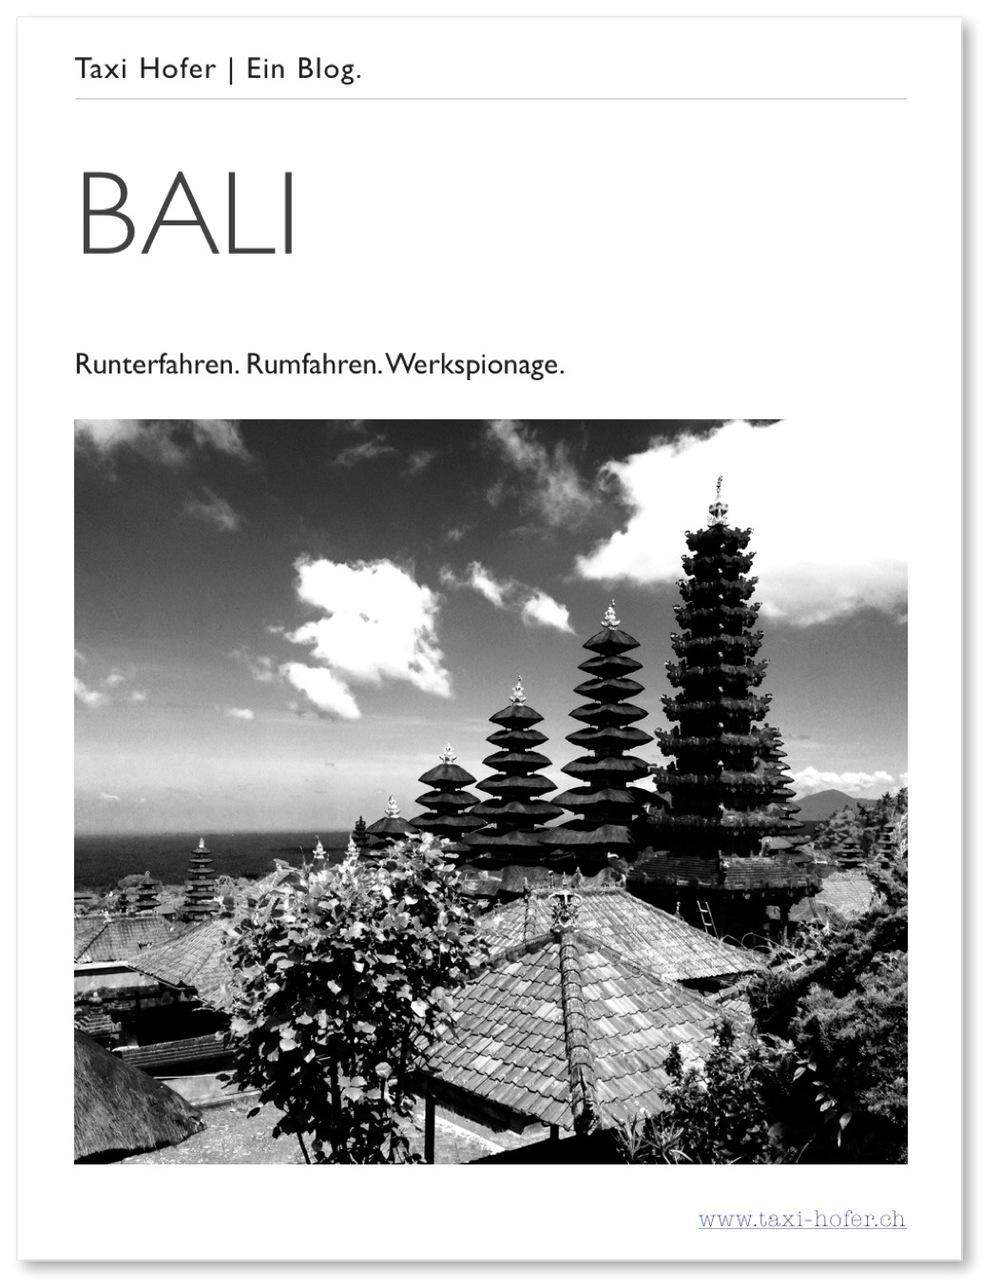 Jetzt gratis auf  iTunes  verfügbar. BALI: Runterfahren. Rumfahren. Wekspionage. (Made for iBooks)